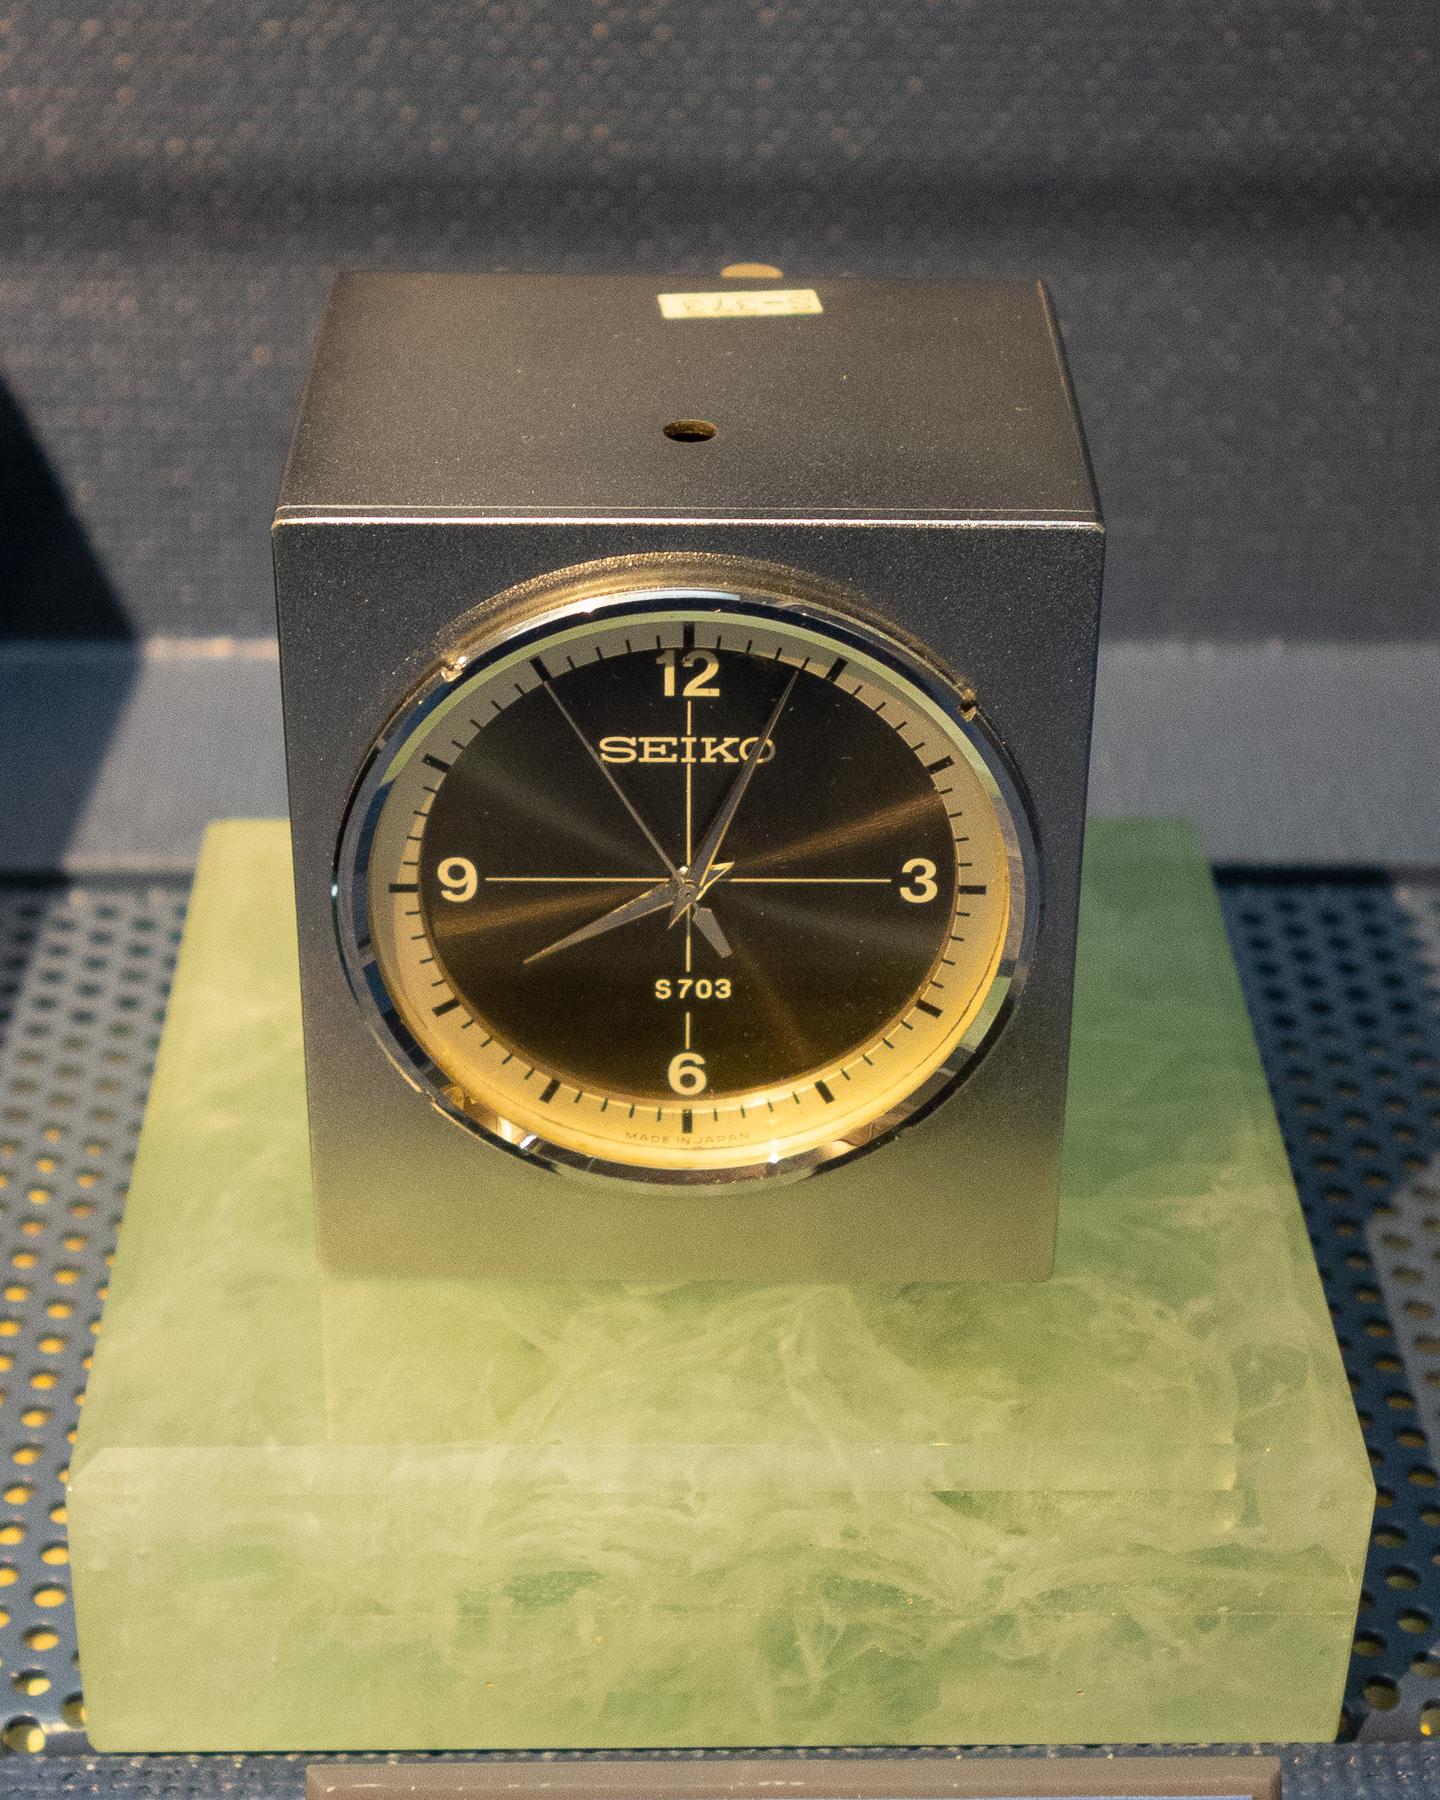 S7xx Deck Chronometer